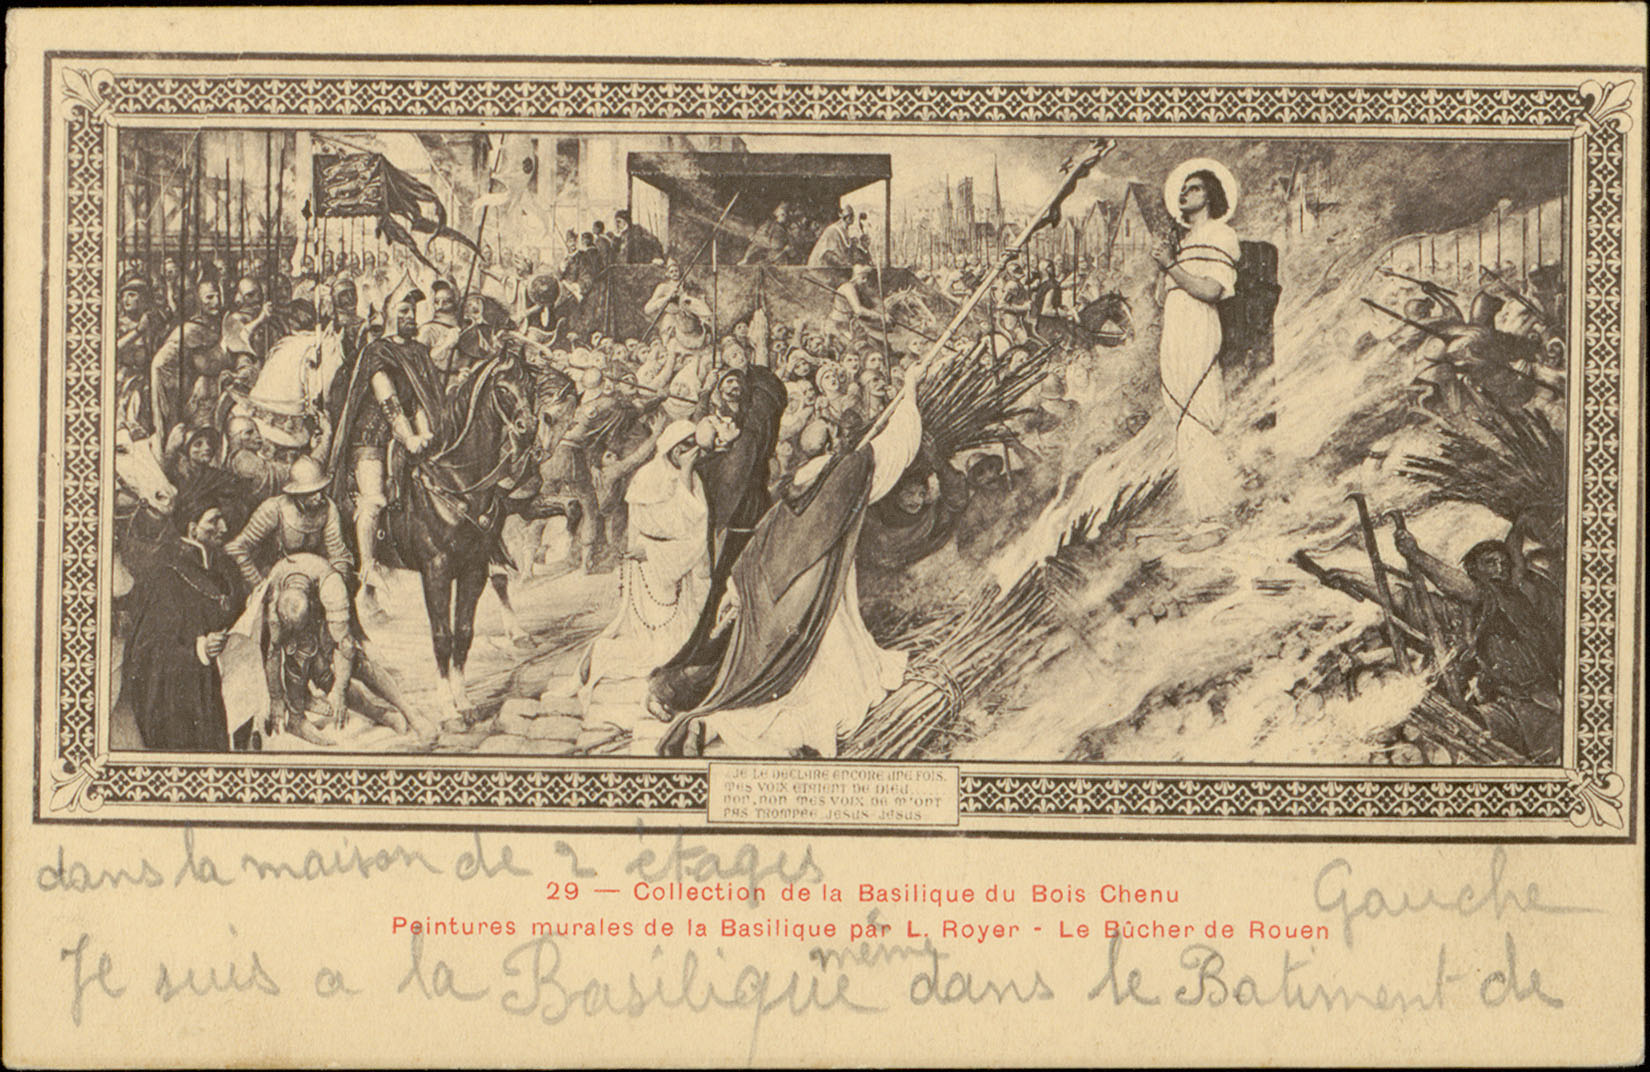 file collection de la basilique du bois chenu peintures murales de la basilique par l royer le bucher cp 5507 pr jpg wikimedia commons